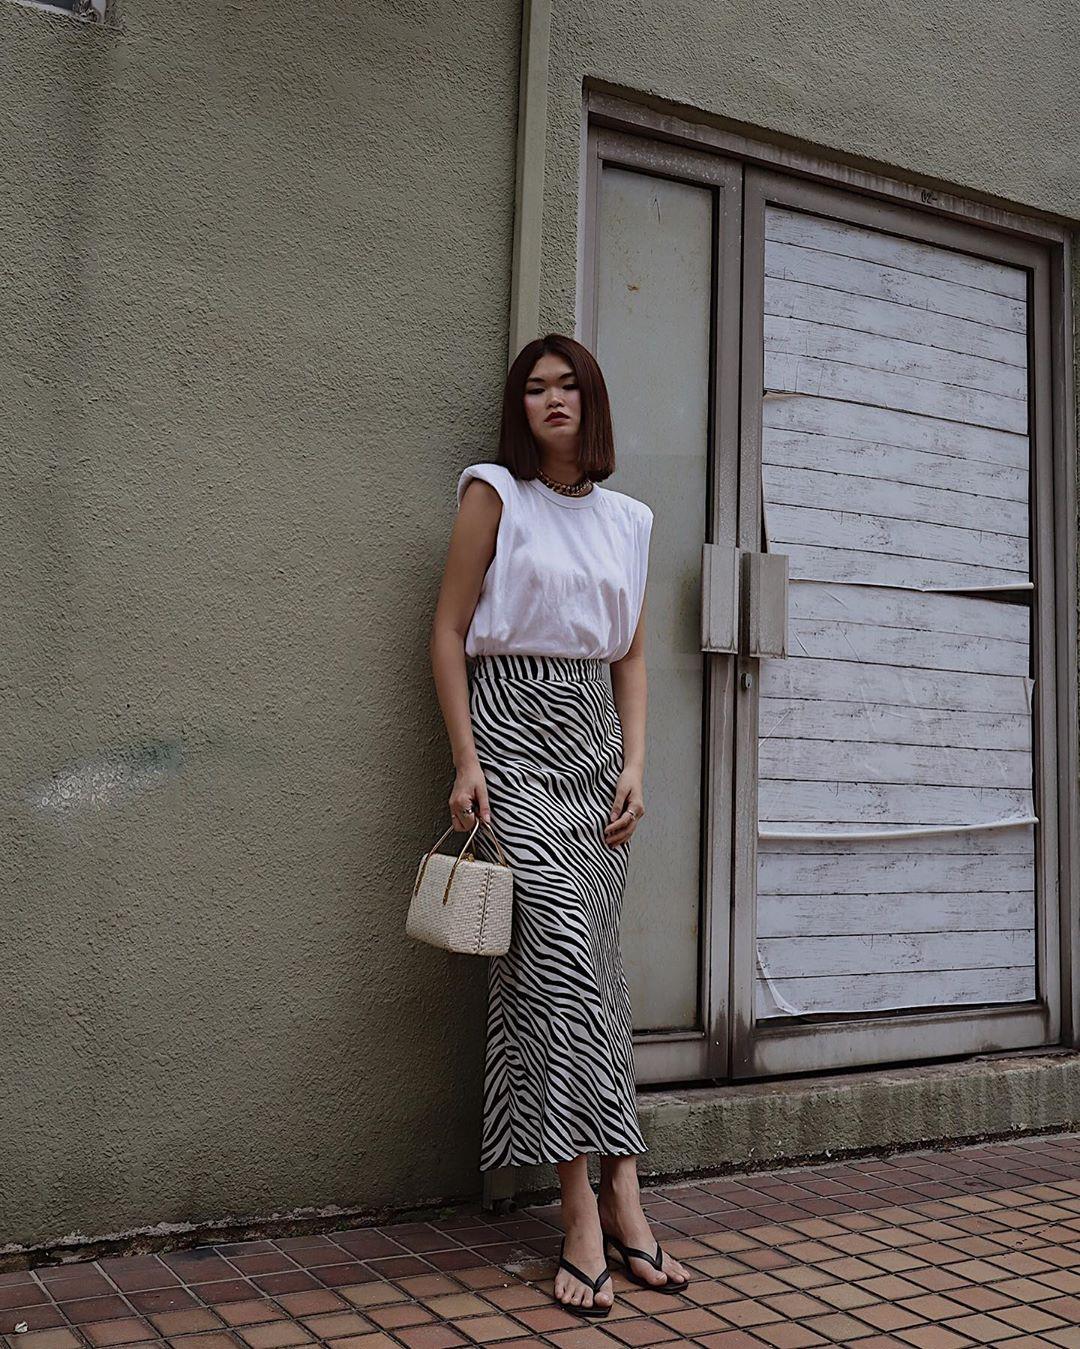 Cô gái mặc áo thun trắng với chân váy suông họa tiết ngựa vằn